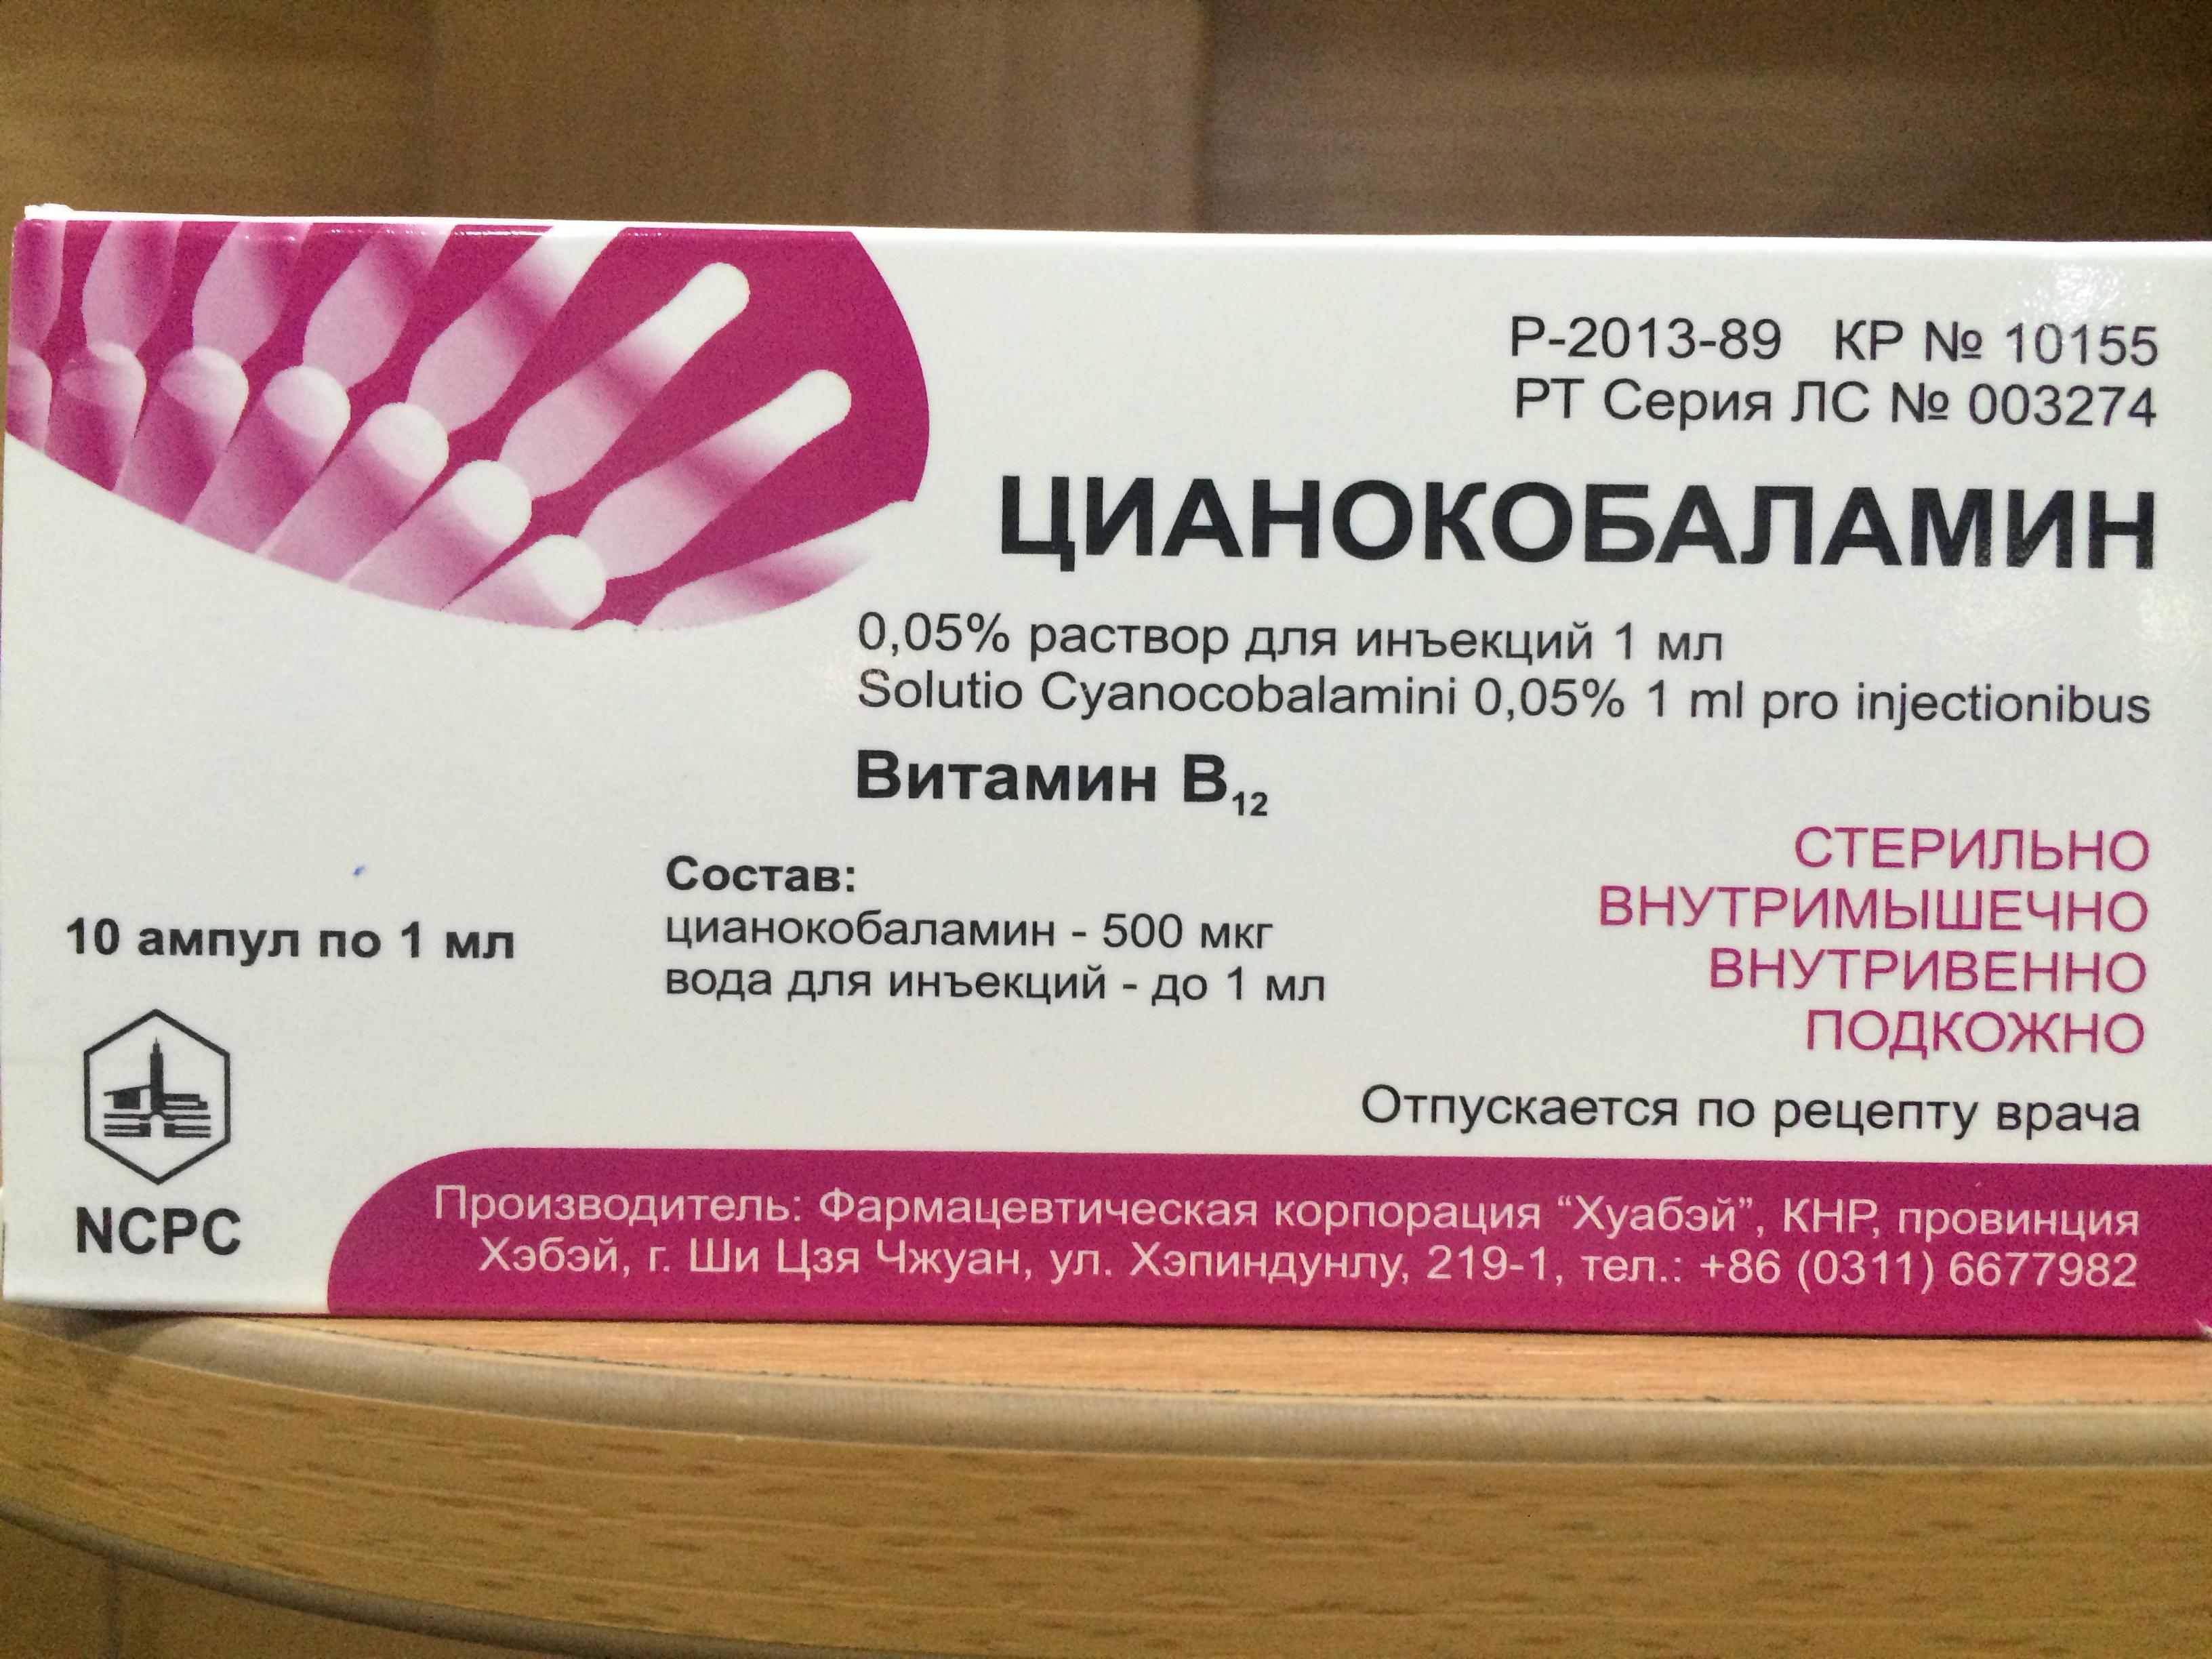 Витамин в12 (цианокобаламин): что это такое, передозировка, суточная потребность